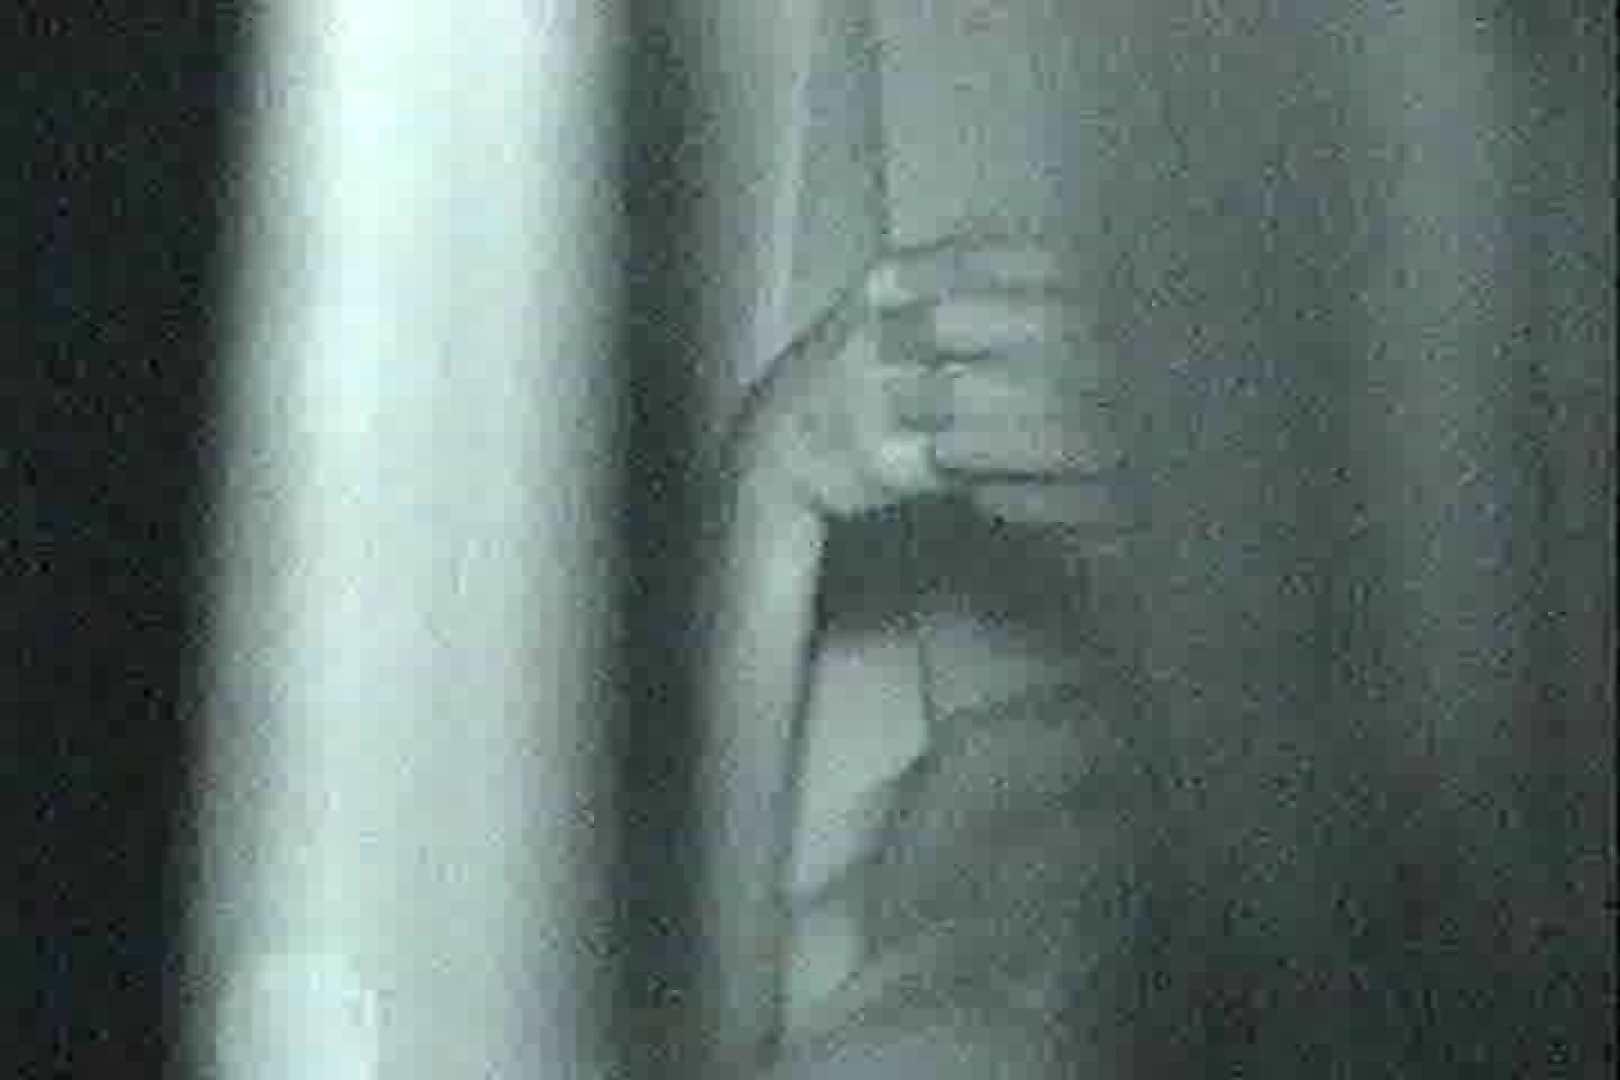 充血監督の深夜の運動会Vol.18 フェラチオシーン ワレメ動画紹介 109pic 21